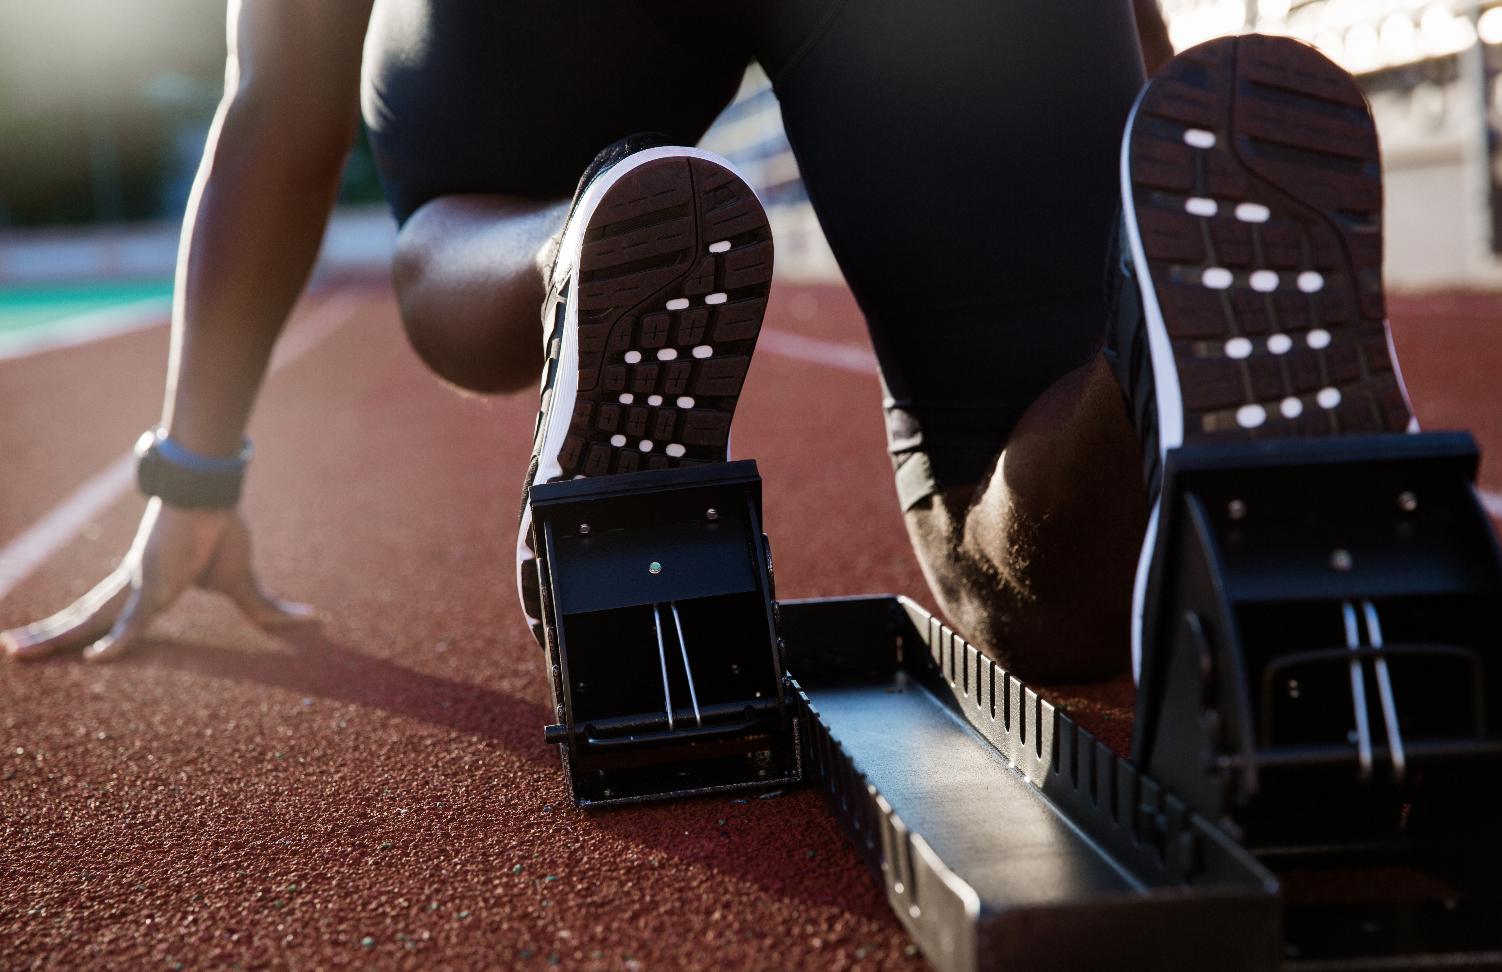 Comment nous augmentons notre productivité grâce au sprint